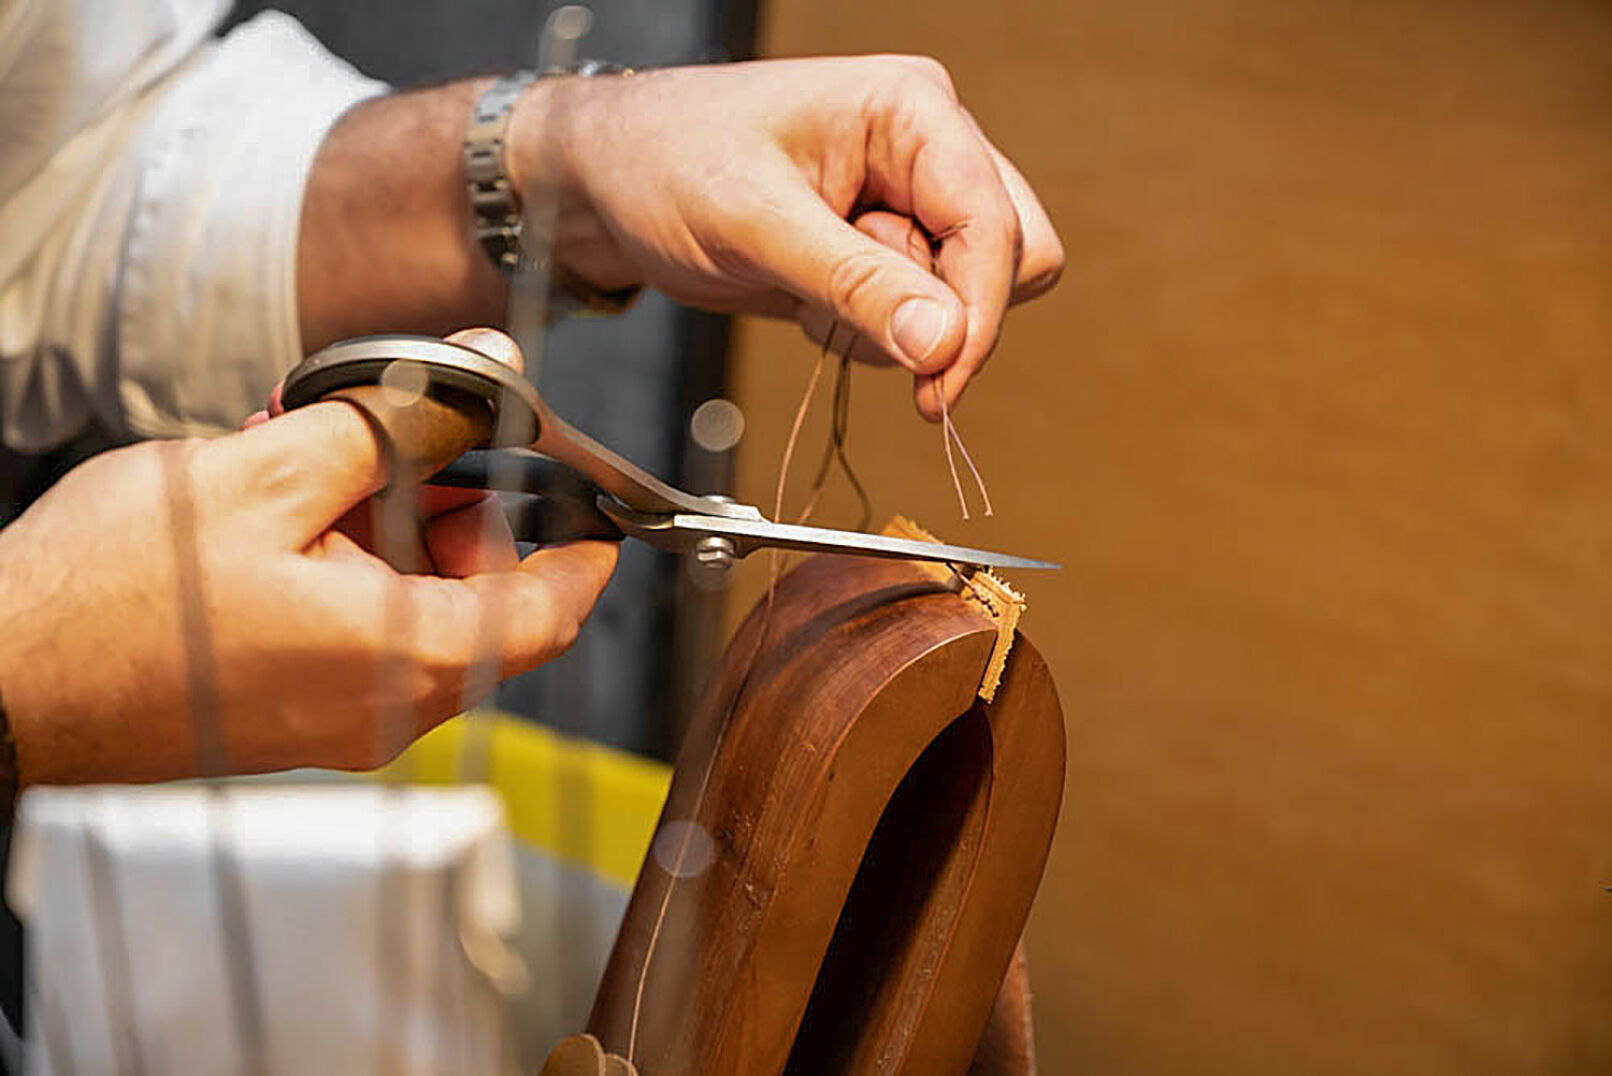 Nahaufnahme des Handnähens. Eine Technik, die heute nur noch selten zum Einsatz kommt. - © Barbara Marko